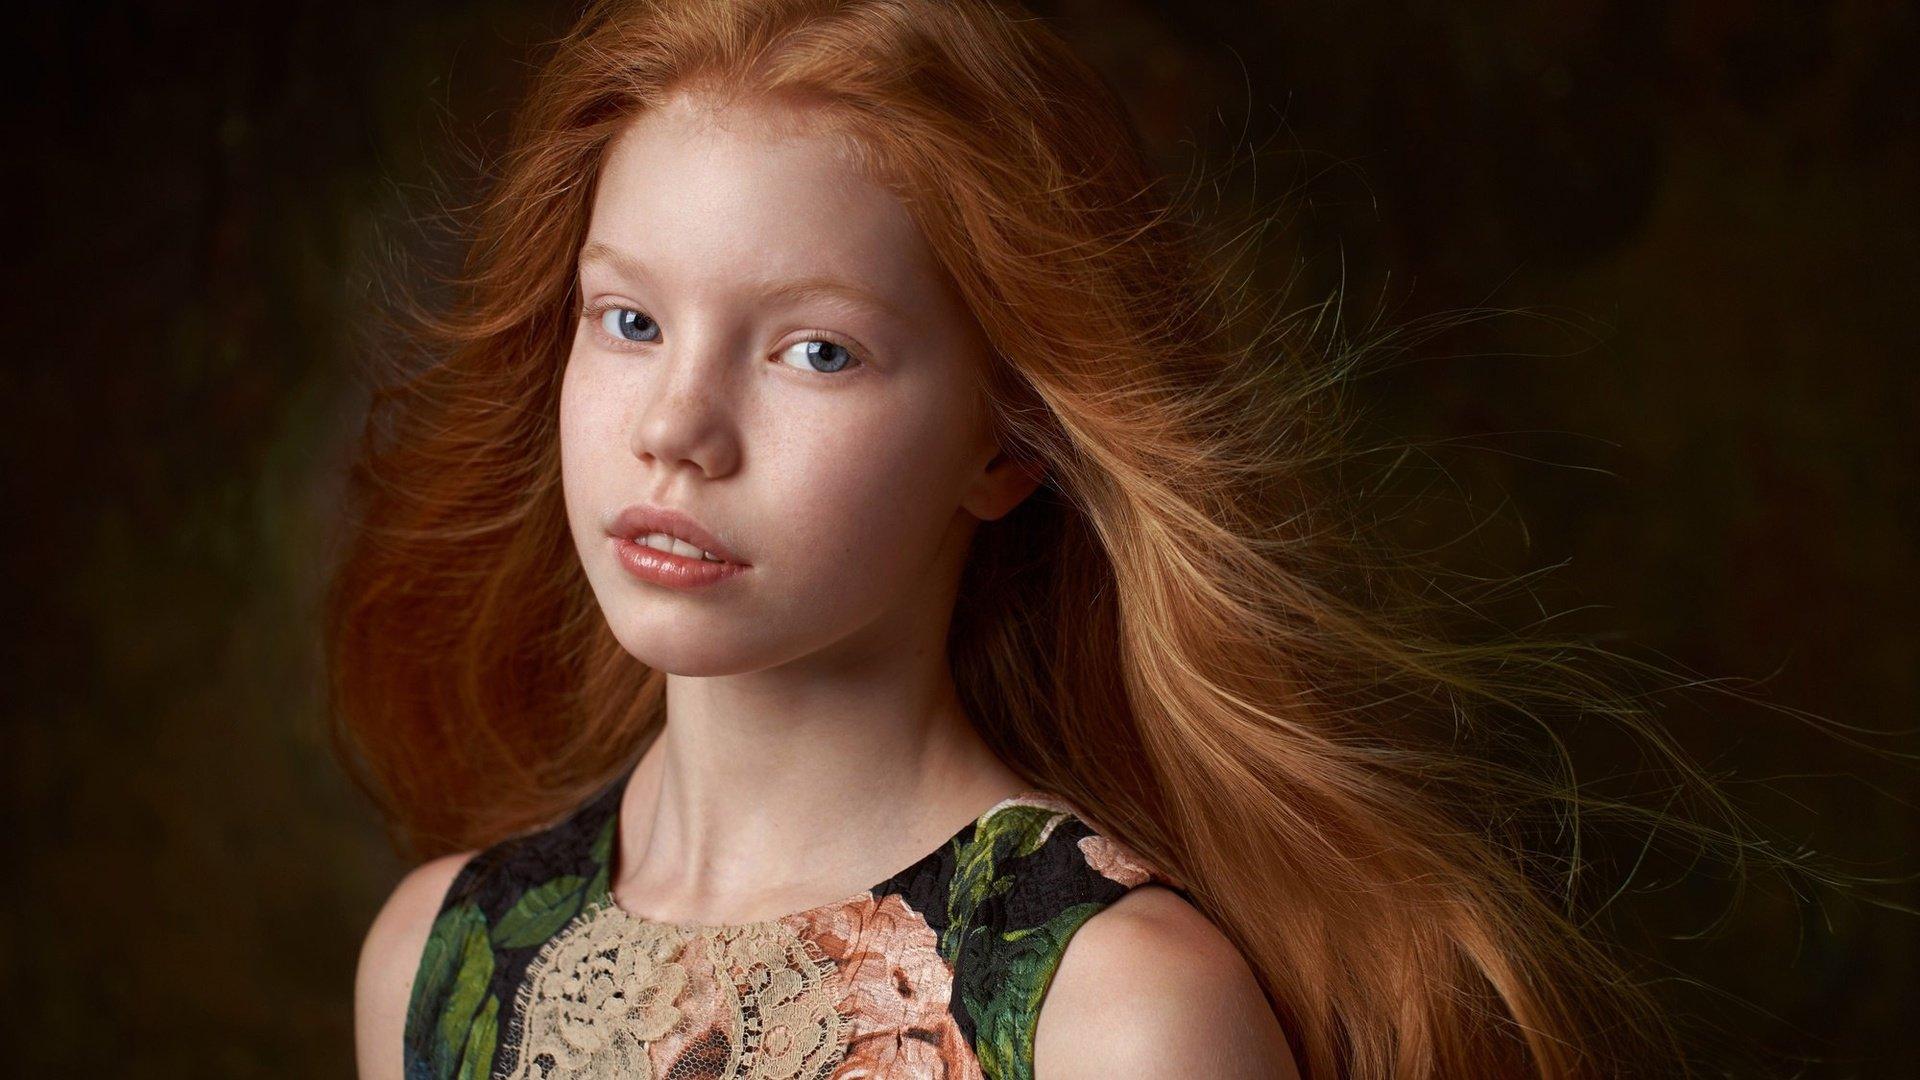 Обои Девочка, child, портрет. Разное foto 14